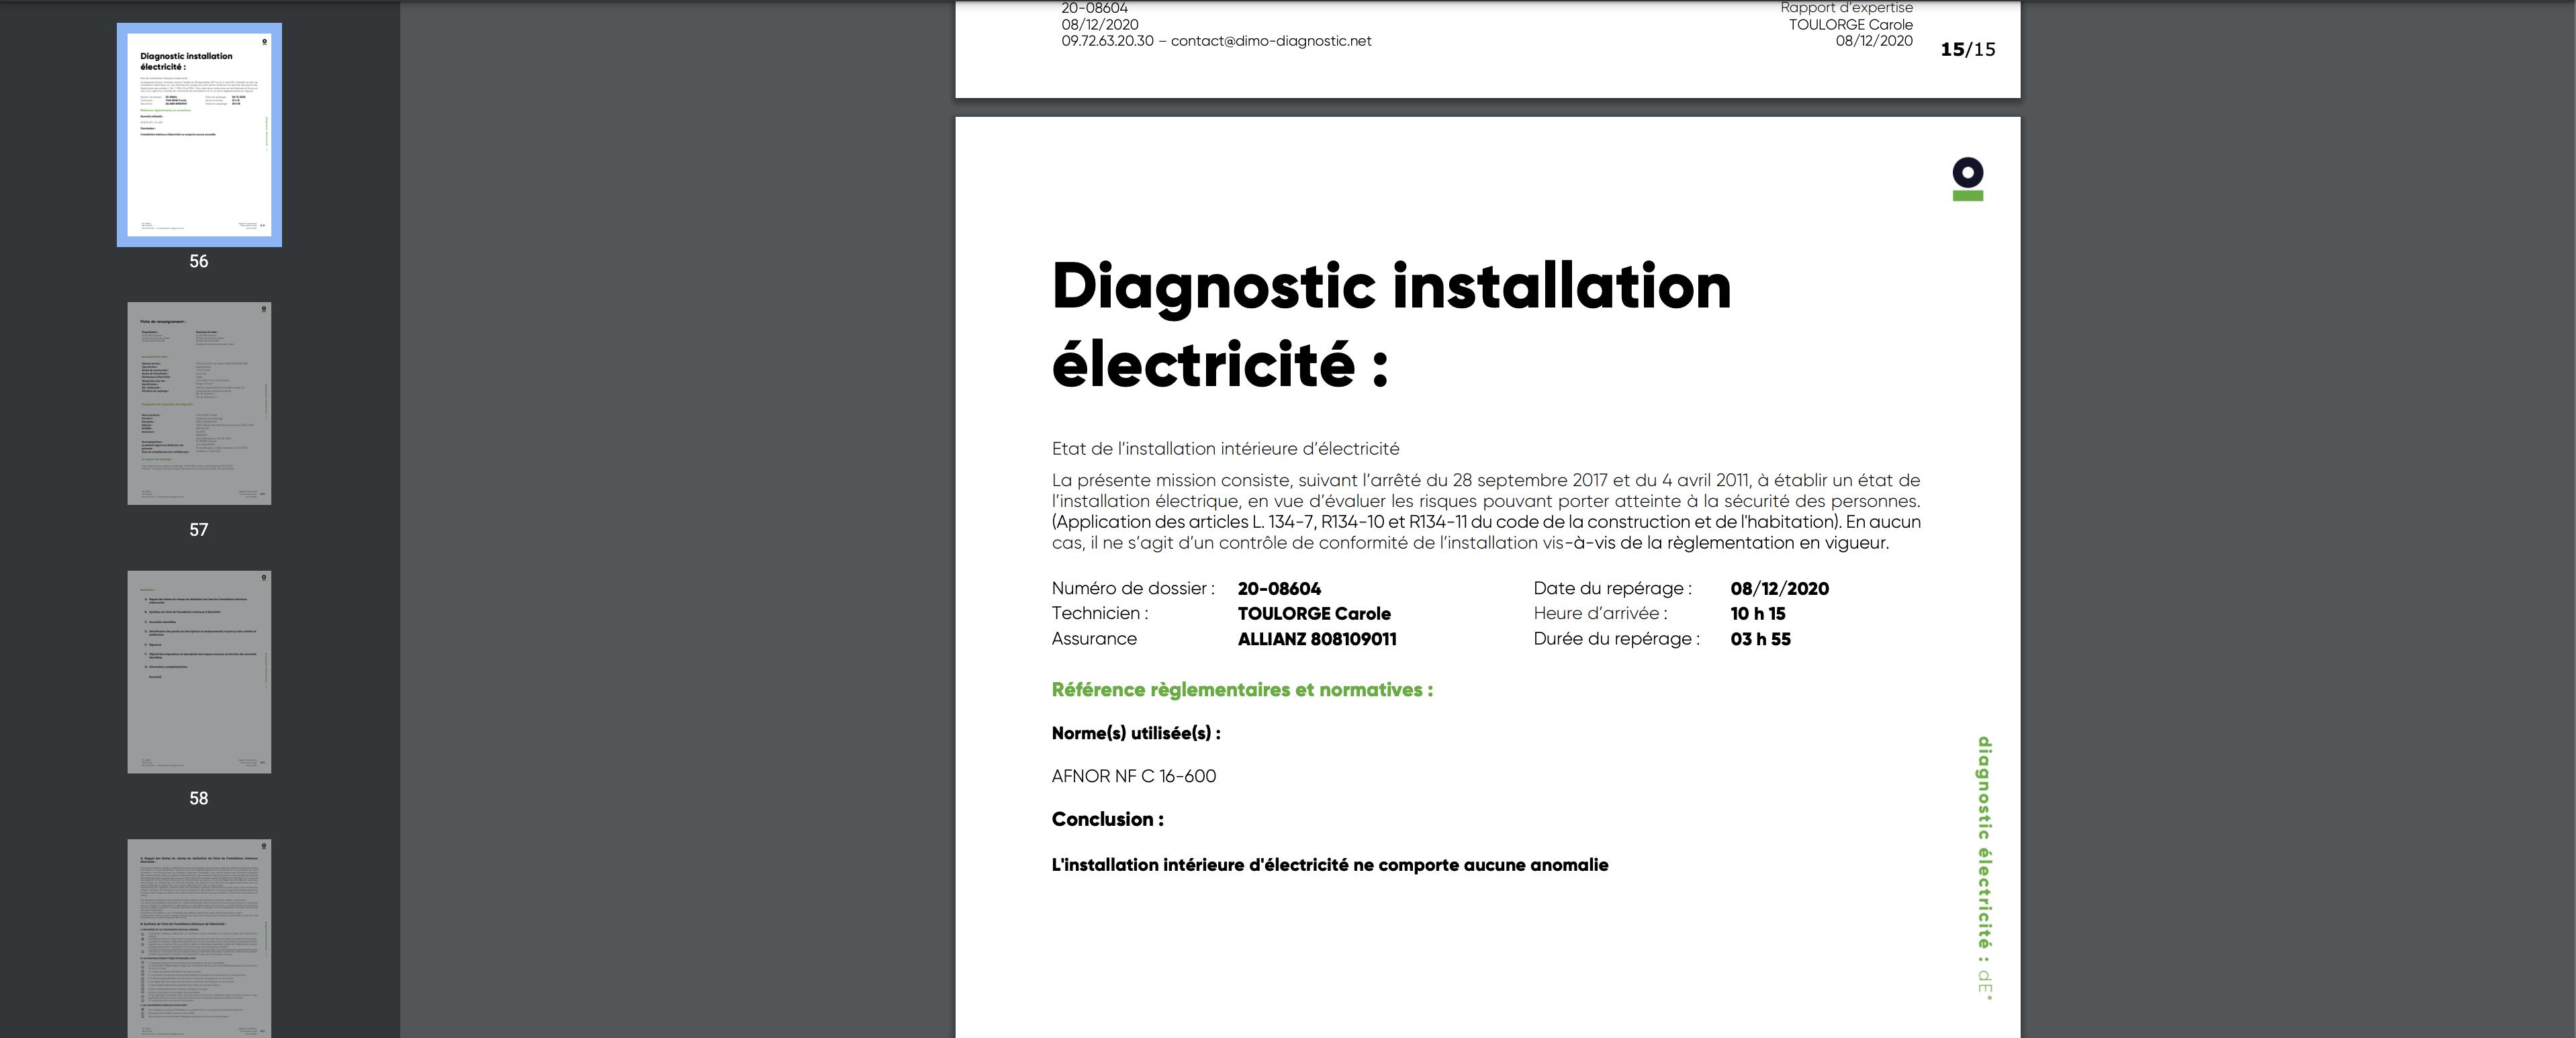 diagnostic-electrique.png